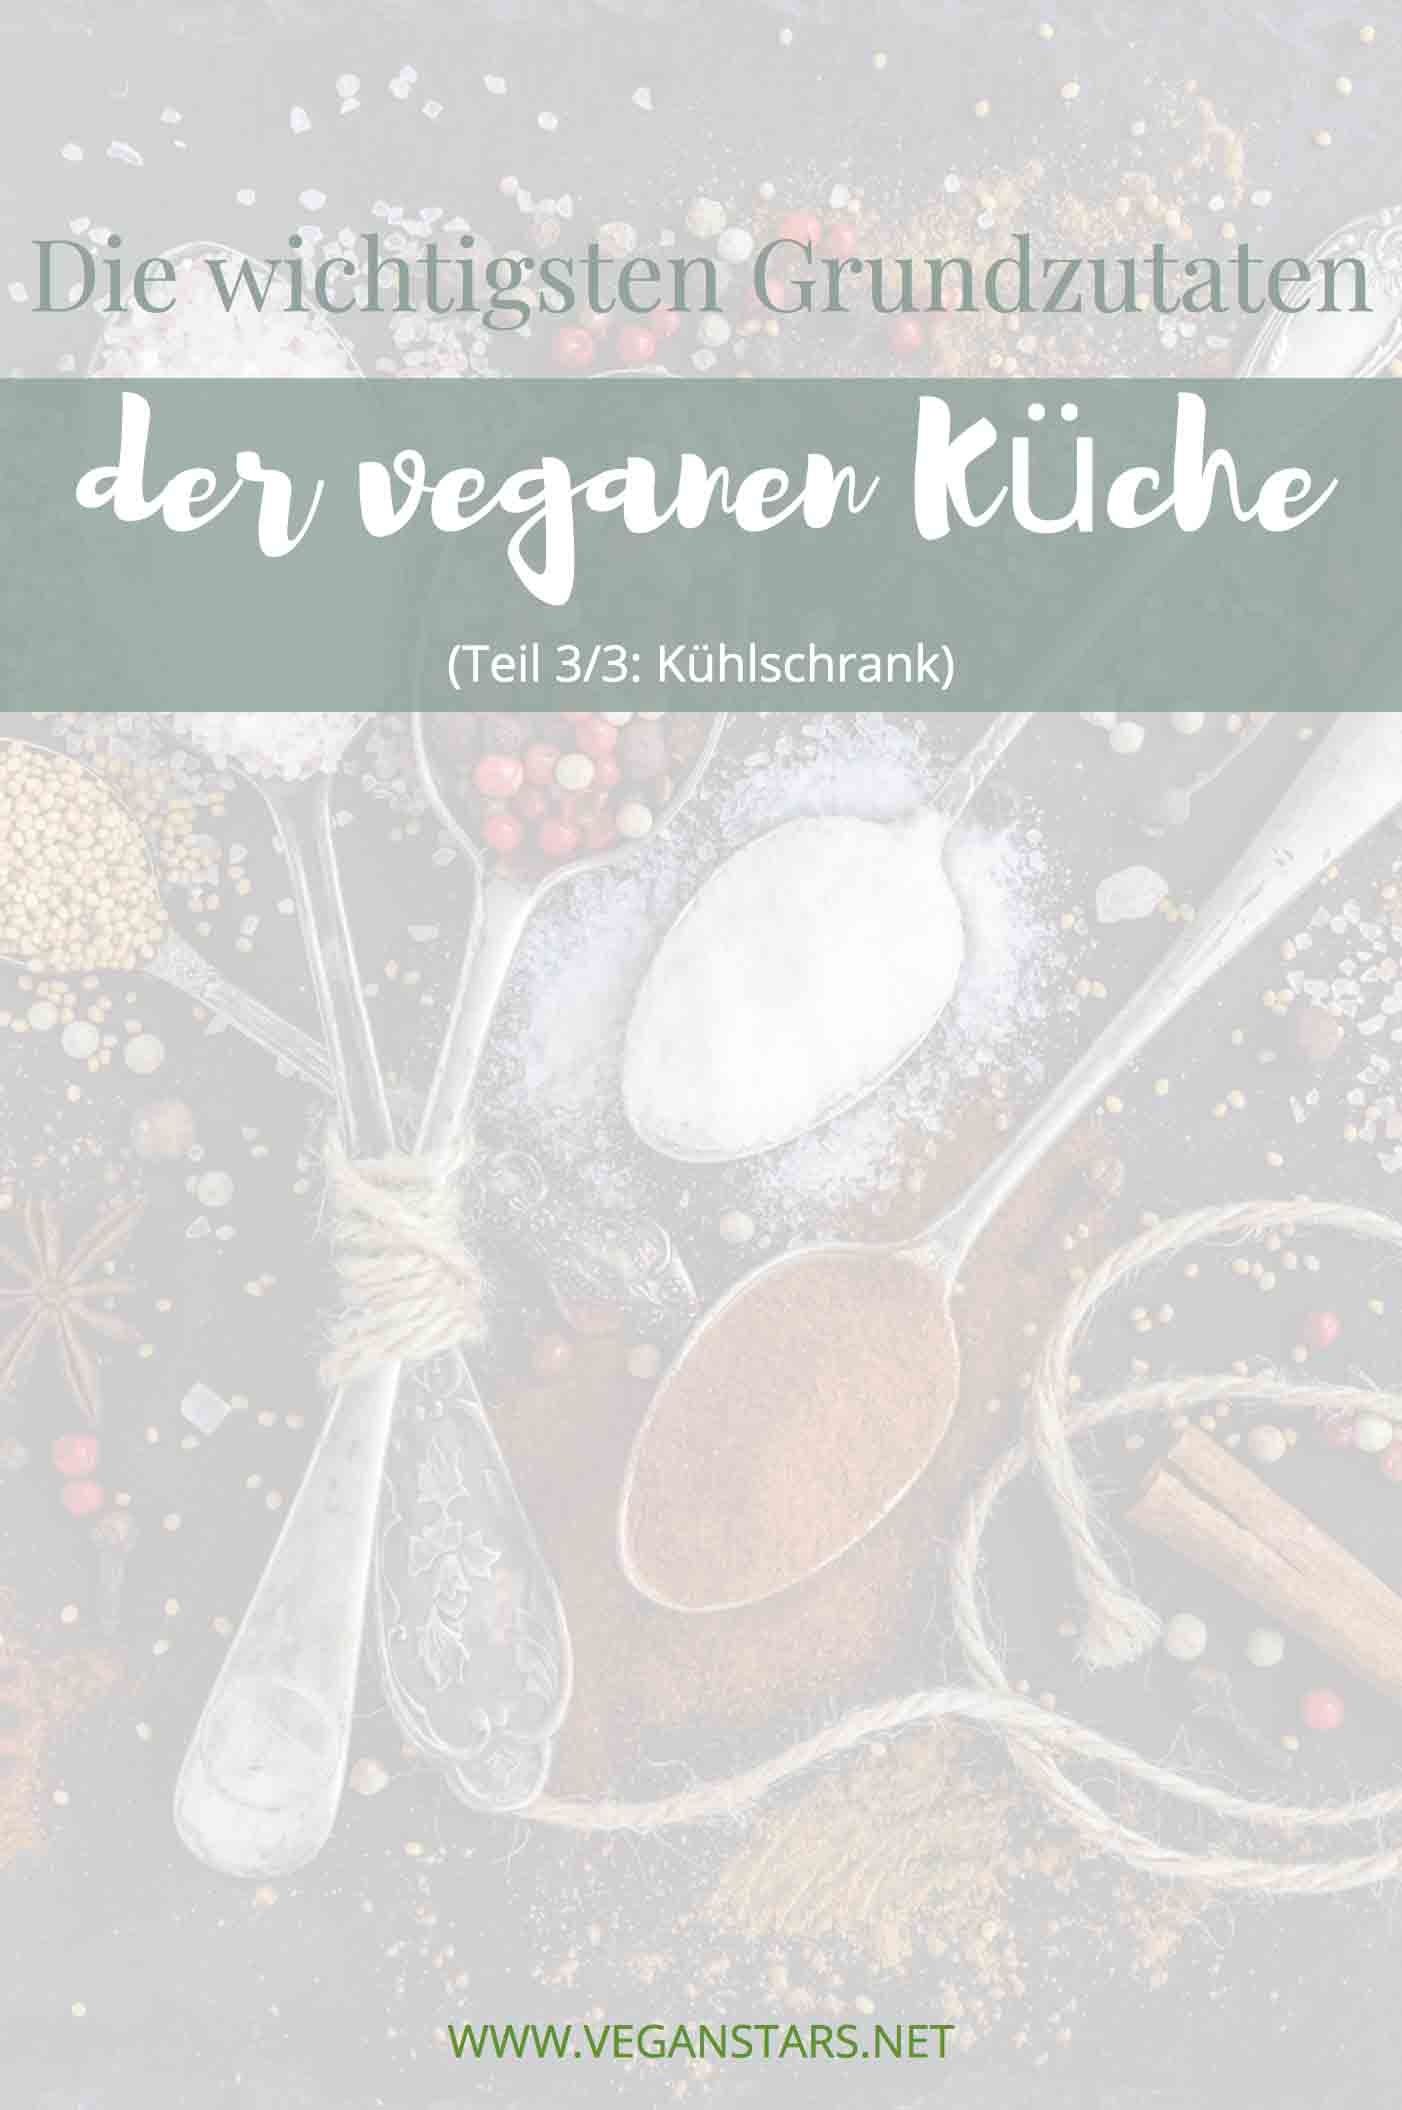 Die wichtigsten Grundzutaten der veganen Küche 3/3